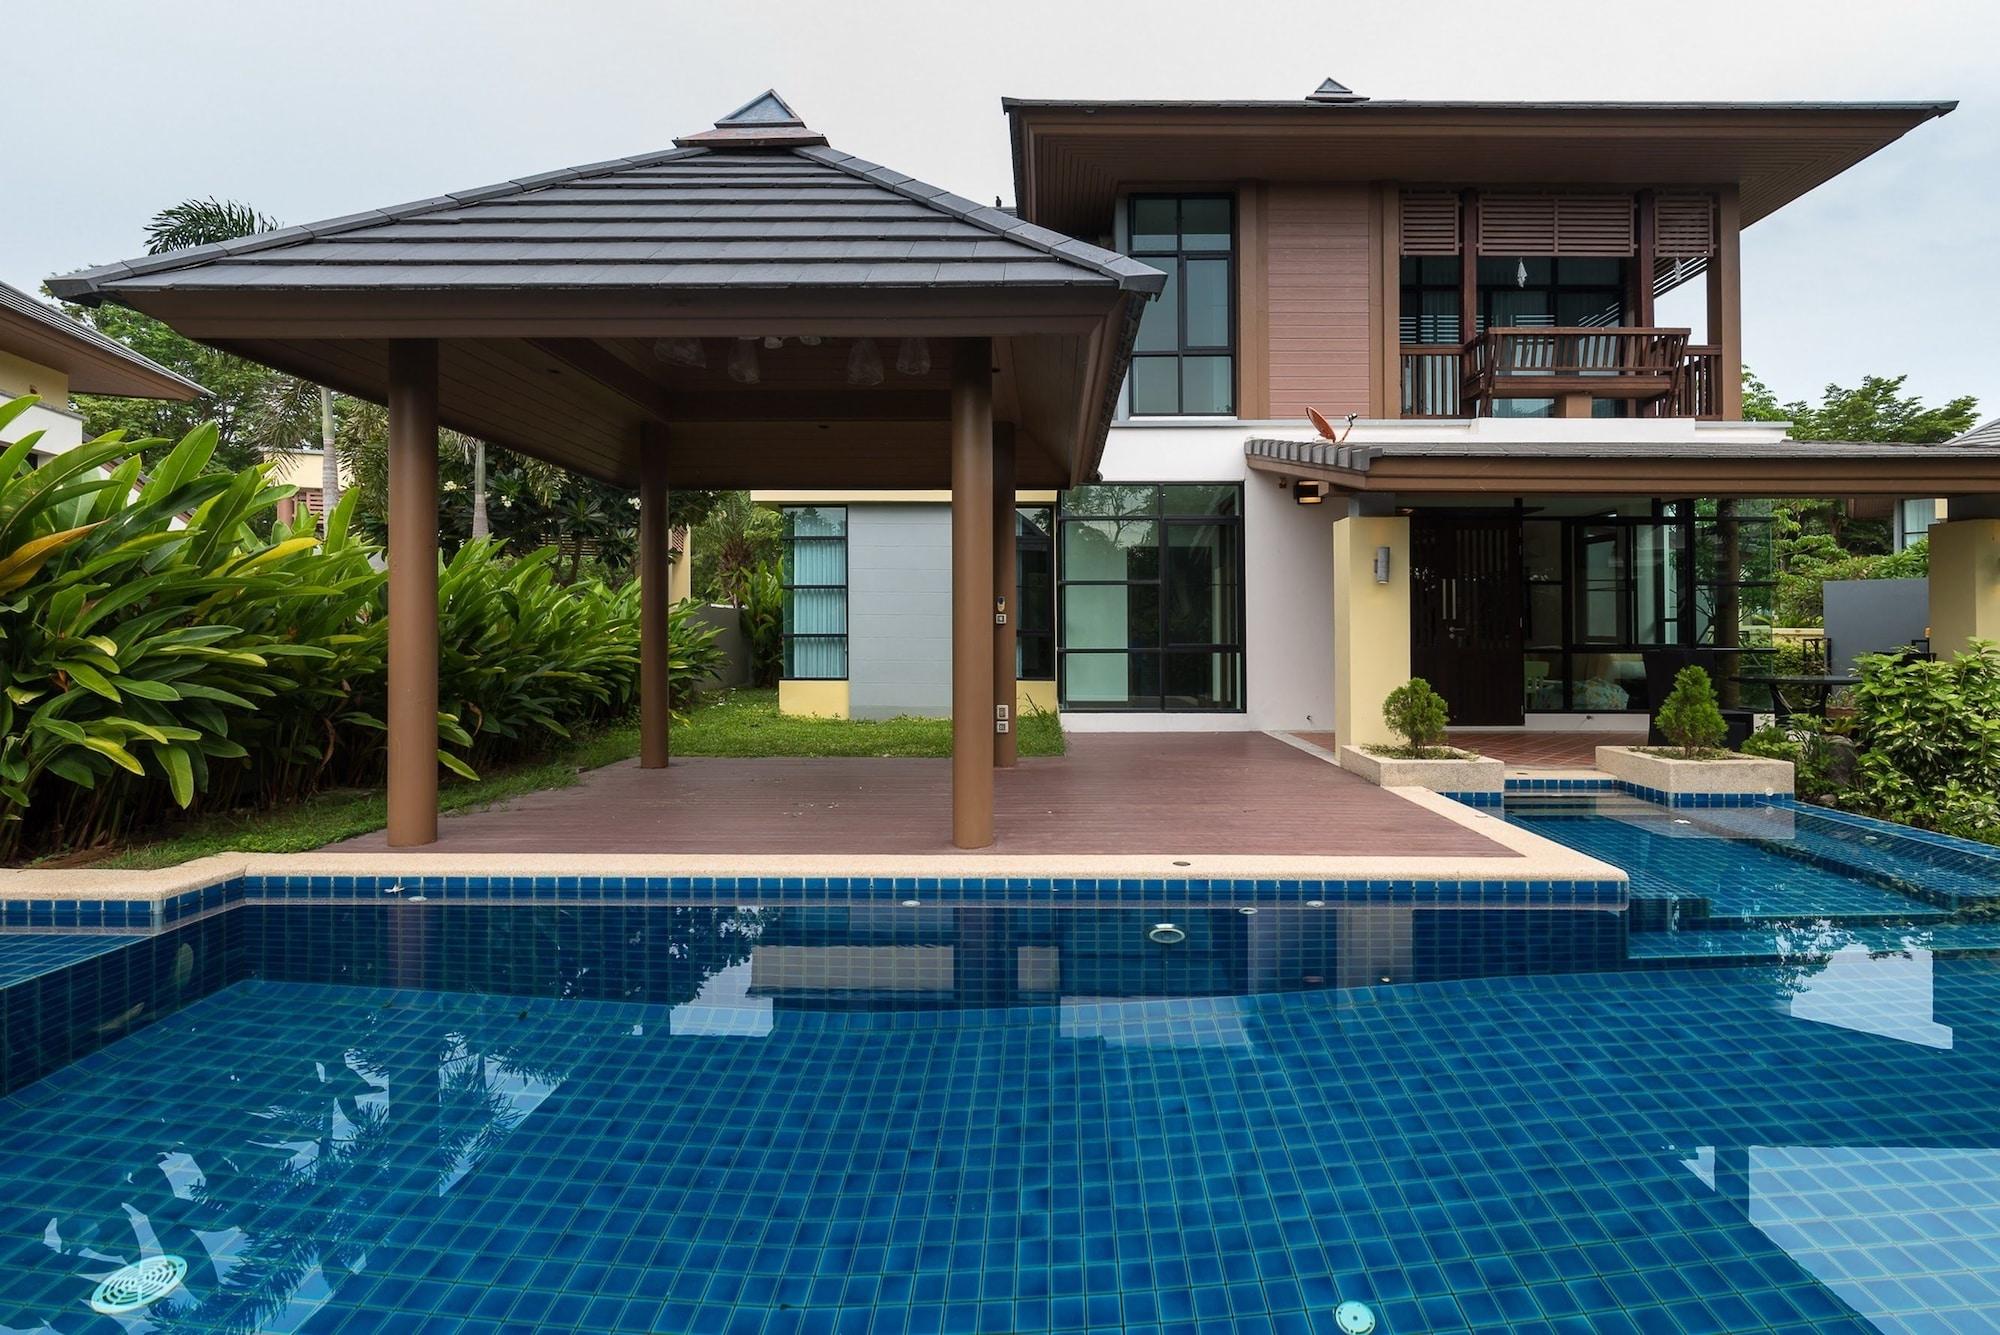 Pool Villa Pattaya by Passionata, Bang Lamung